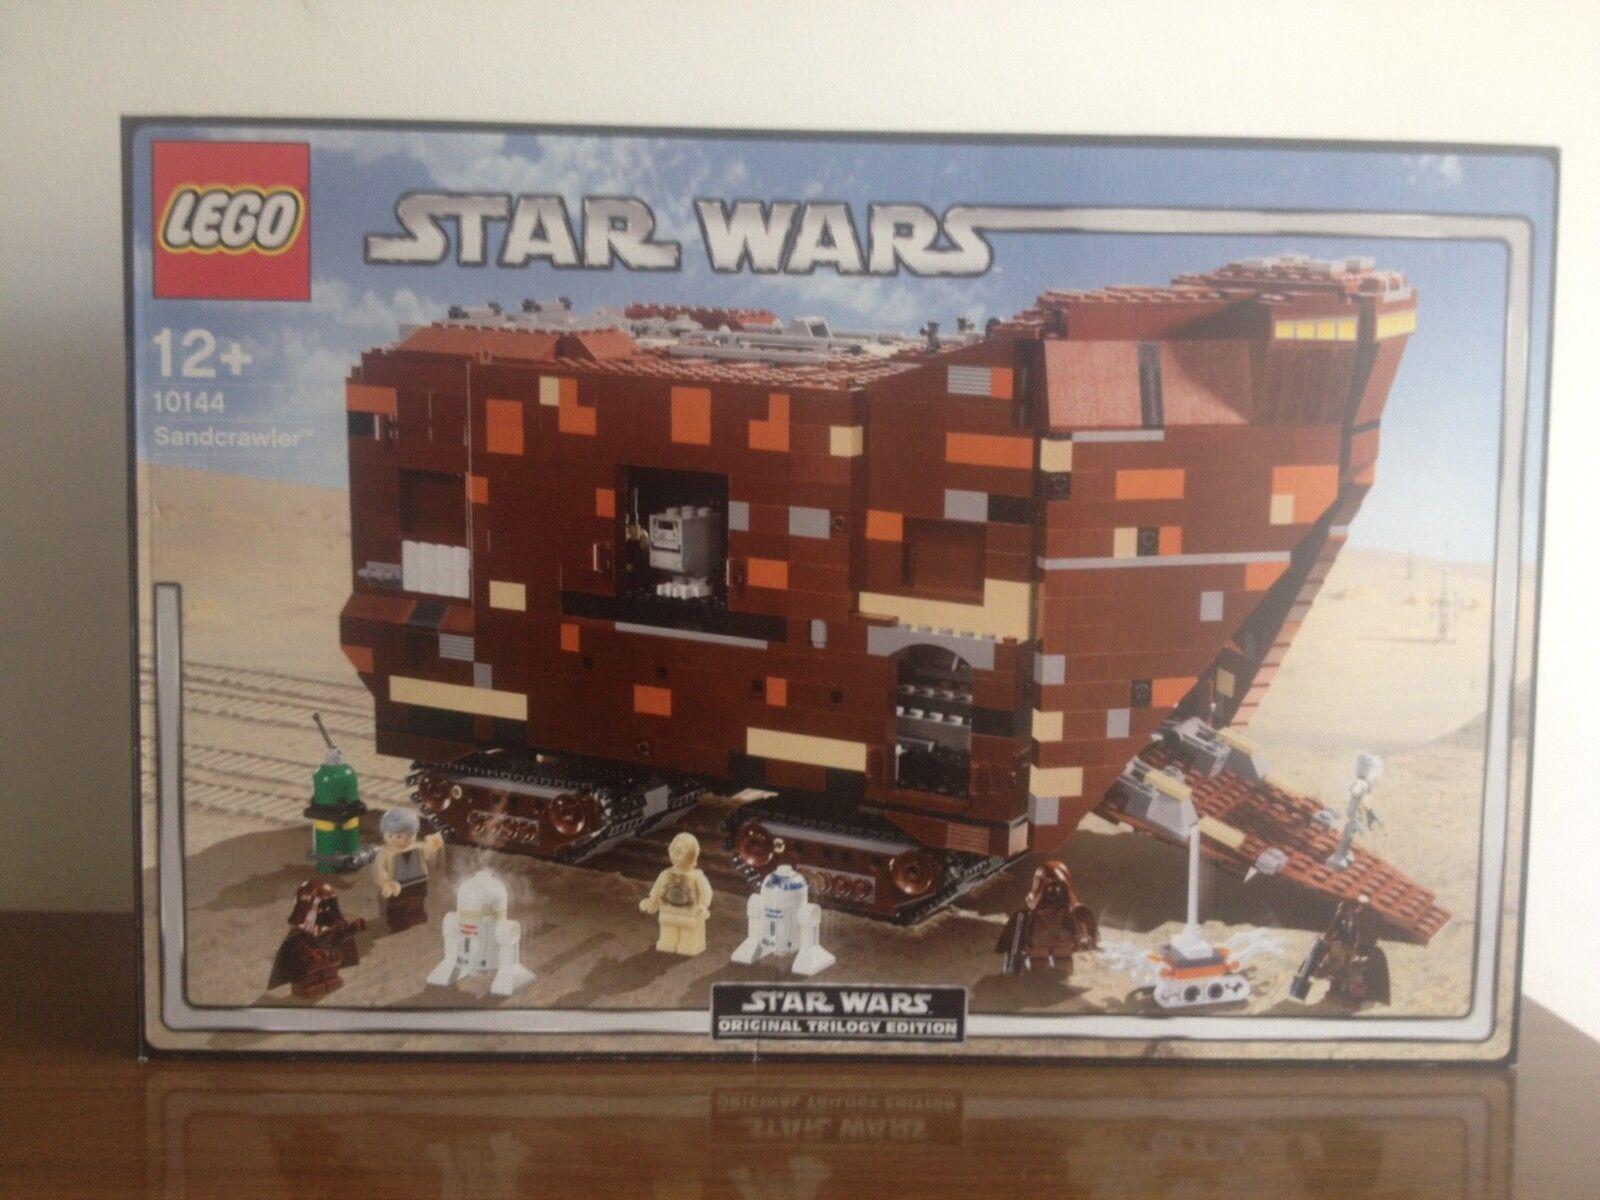 2005 LEGO estrella guerras 10144 UCS Secrawler ORIGINALE Triology  edizione Nuovo Scatola Originale JAWA  clienti prima reputazione prima